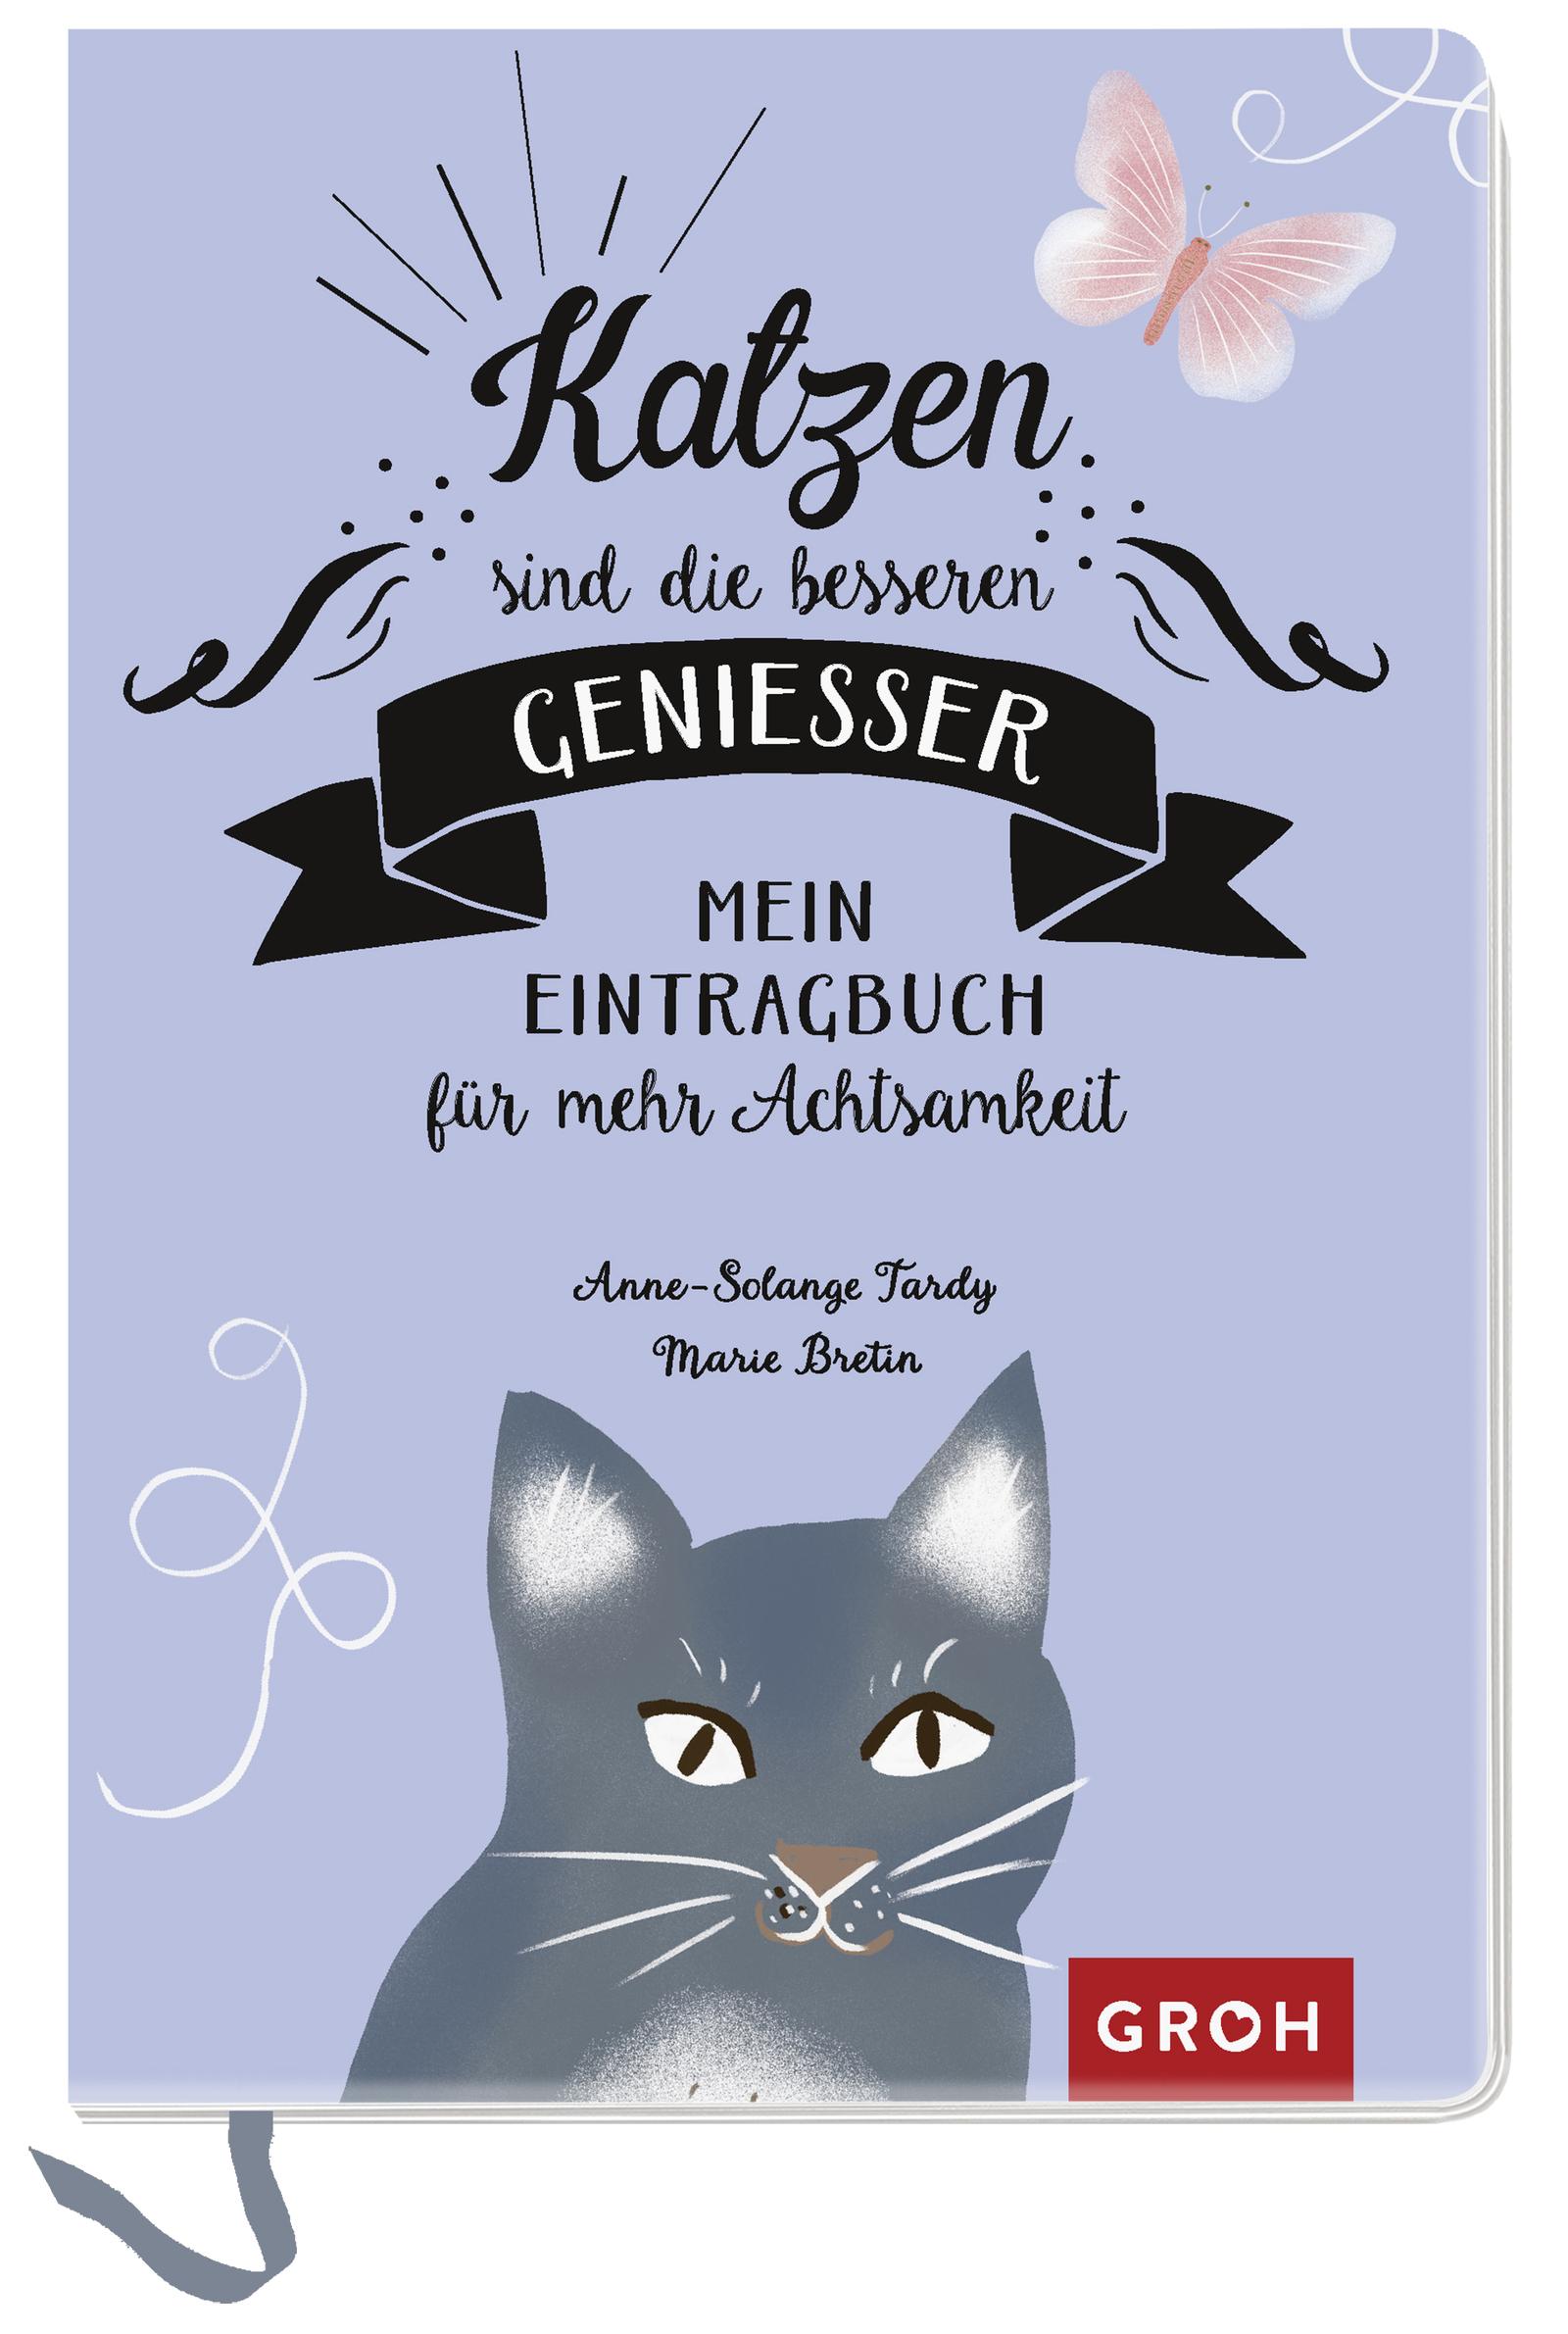 Kreatives Eintragbuch für katzengleiche Achtsamkeit - Katzen sind die besseren Genießer